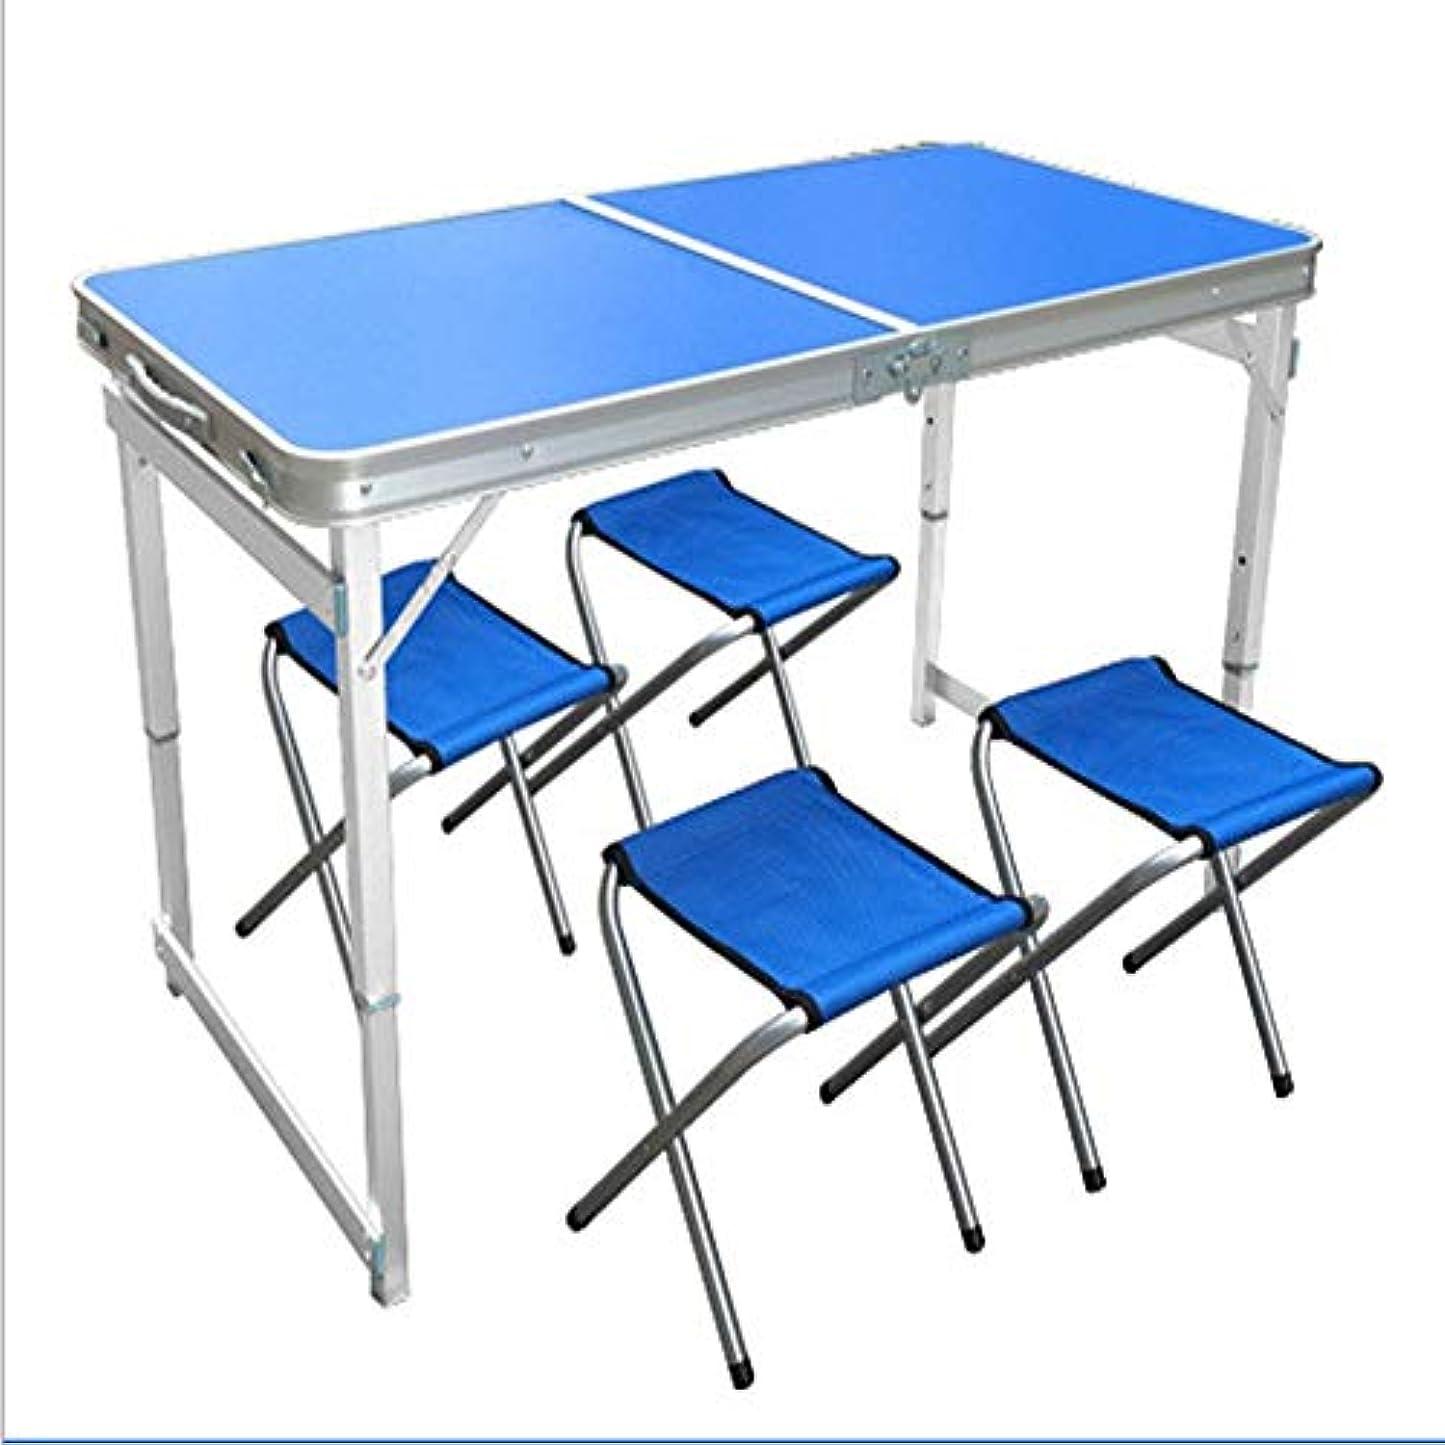 チャンス邪魔金銭的屋外のキャンプや携帯用アルミ合金のバーベキューテーブルに適しています携帯用テーブル アウトドア キャンプ用